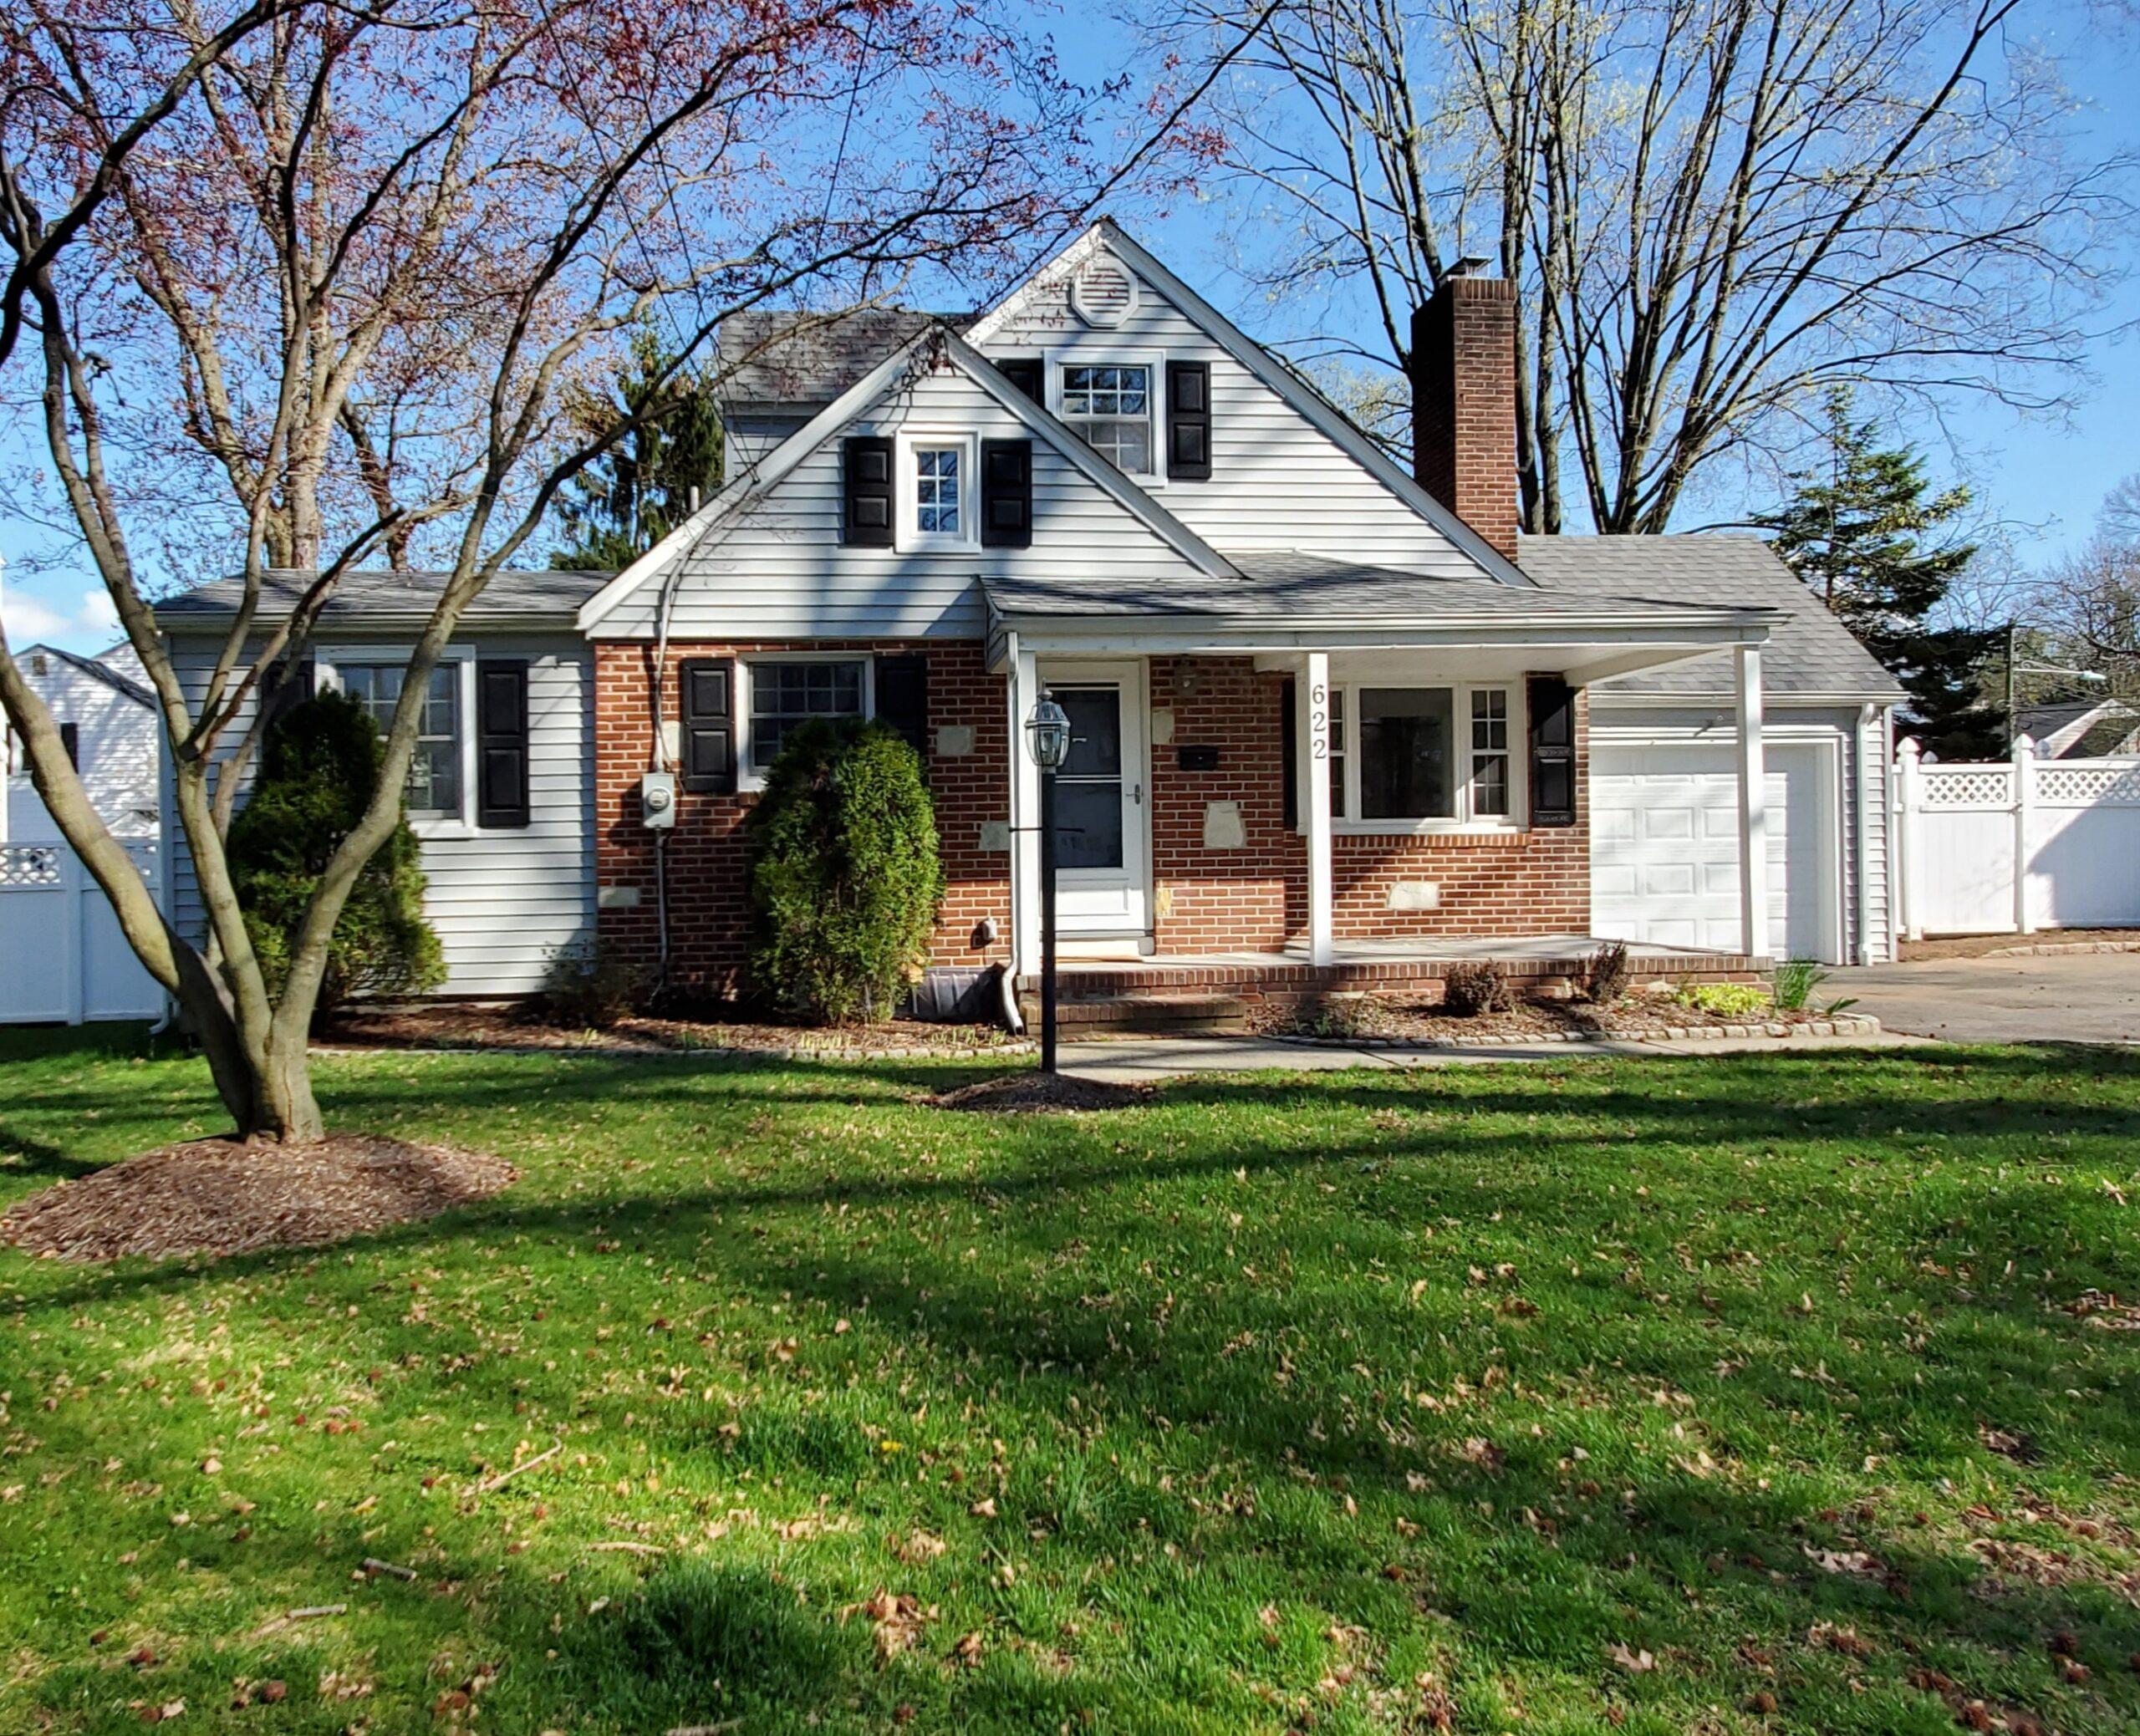 622 Brookside Place, Cranford <br /> Sold $527,000